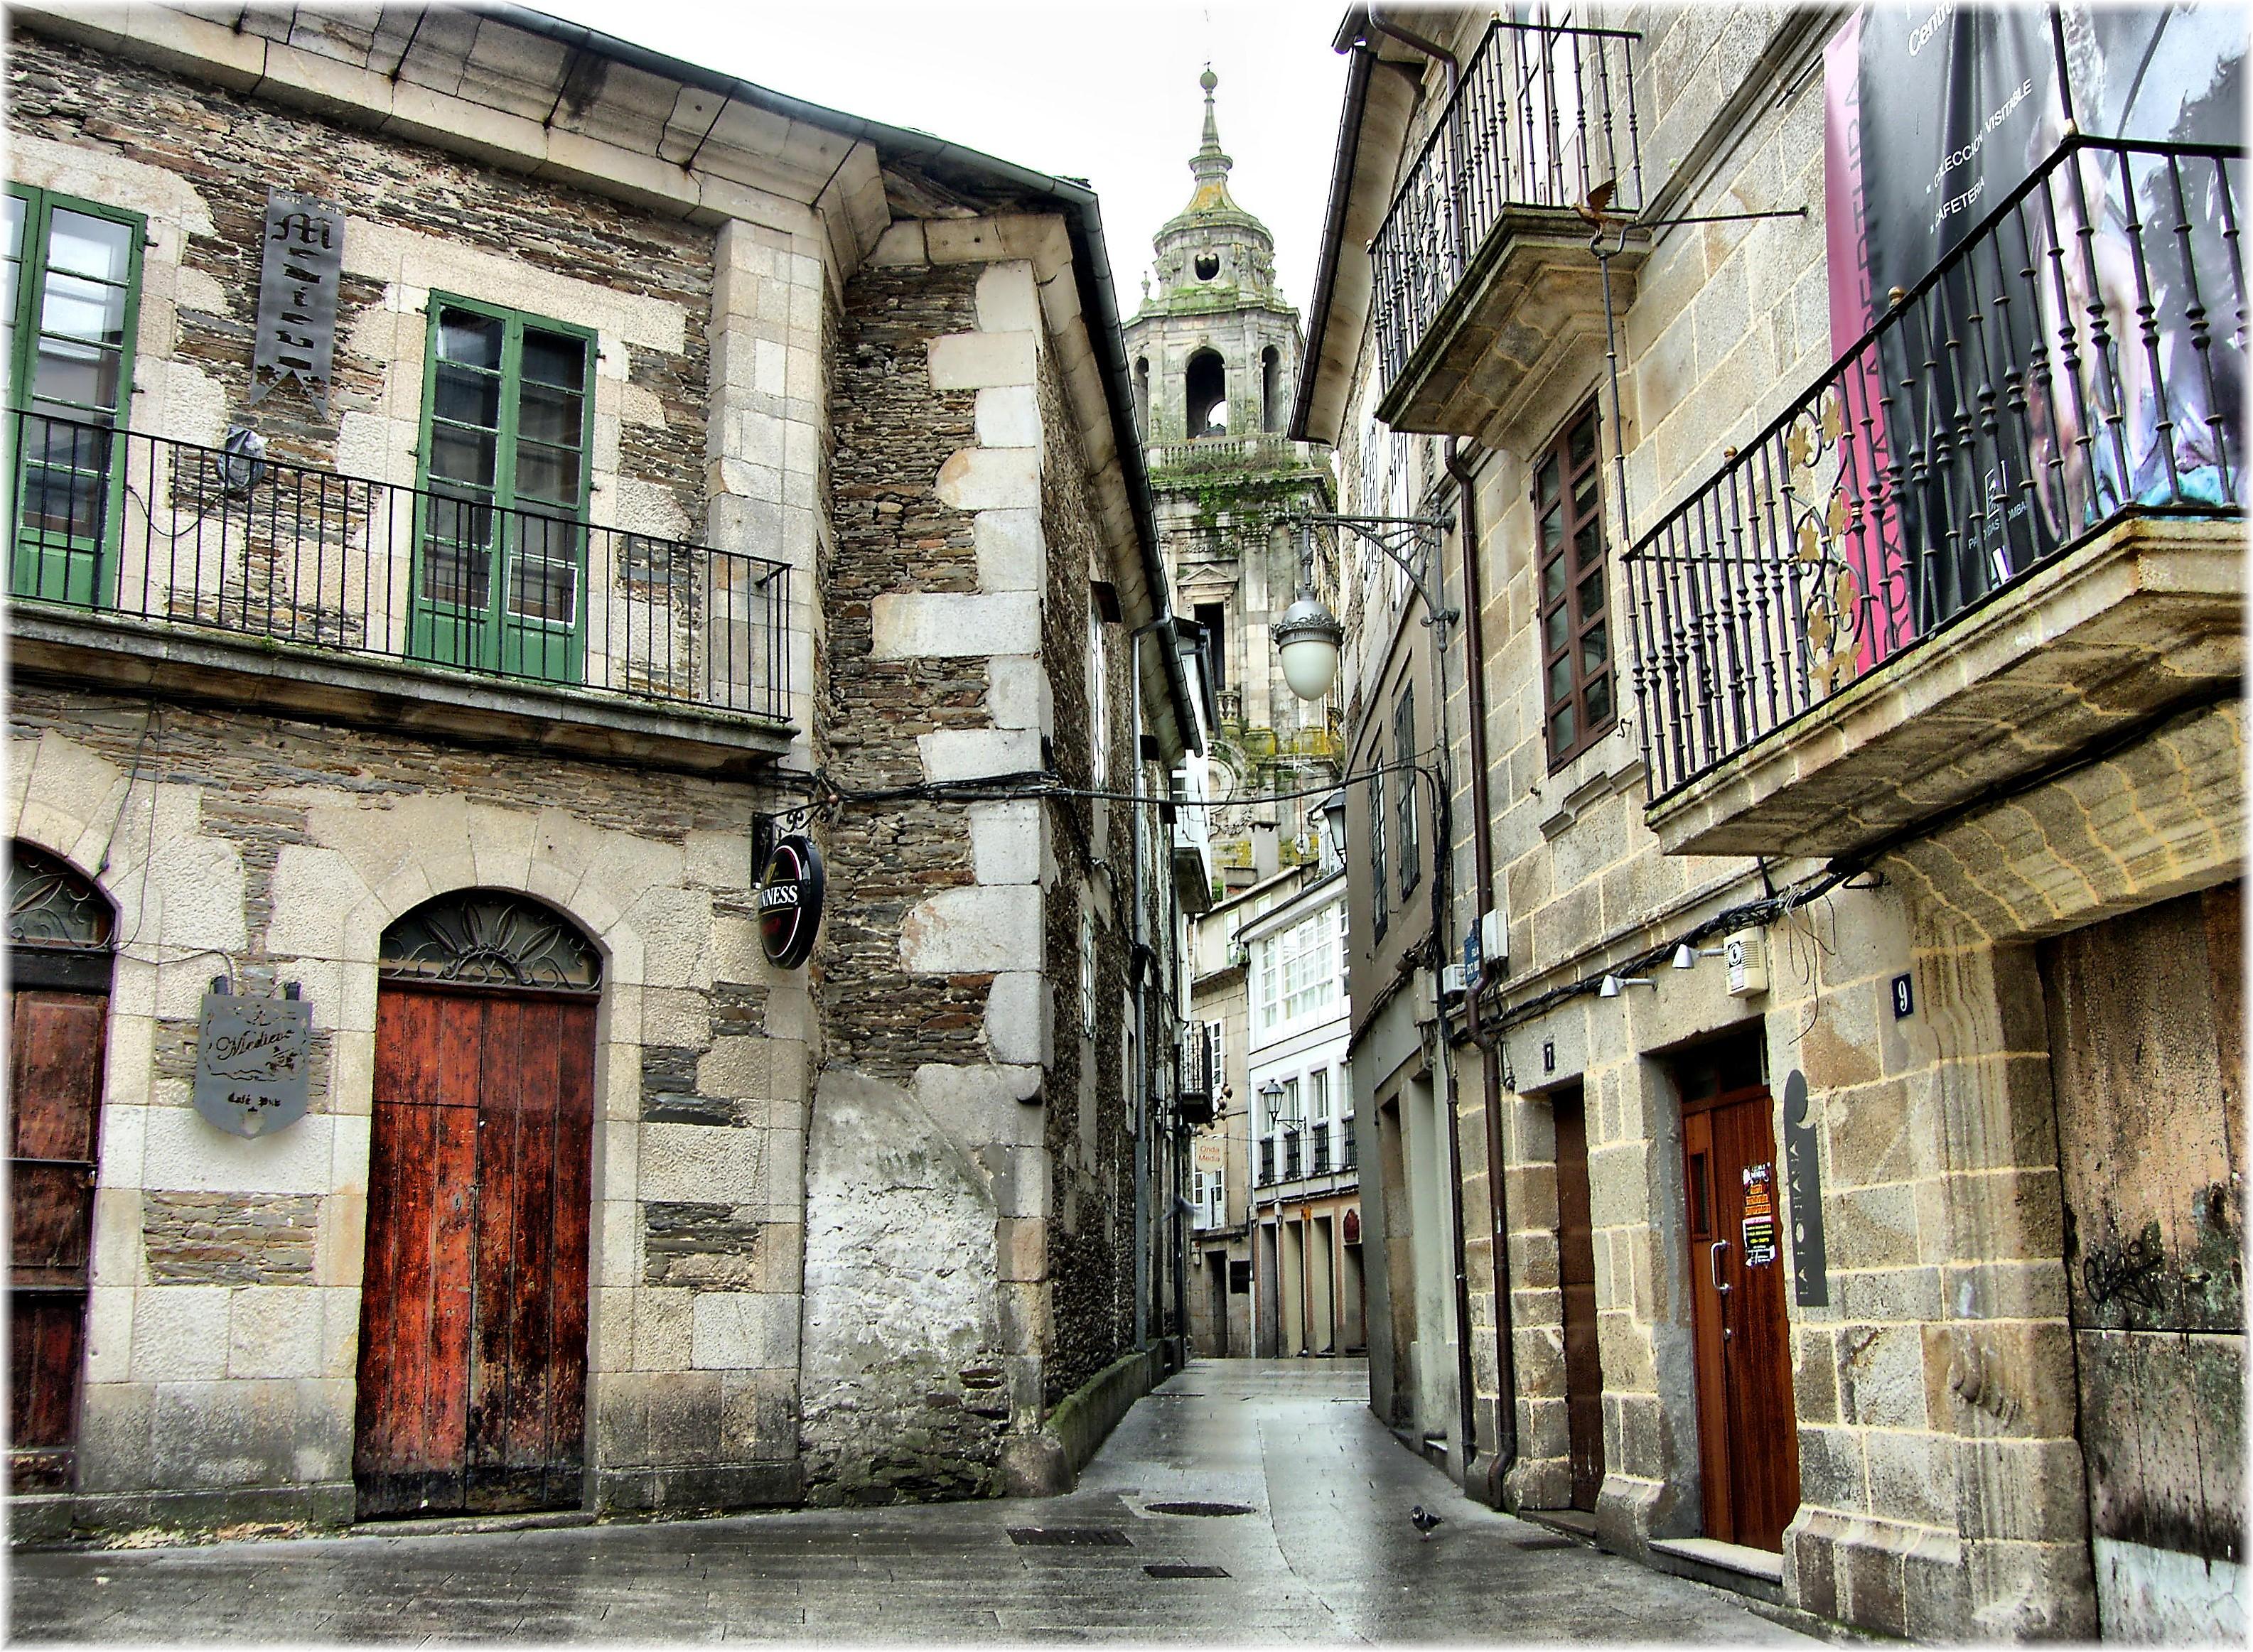 Fotos gratis arquitectura la carretera calle pueblo - Casas gratis en pueblos de espana ...